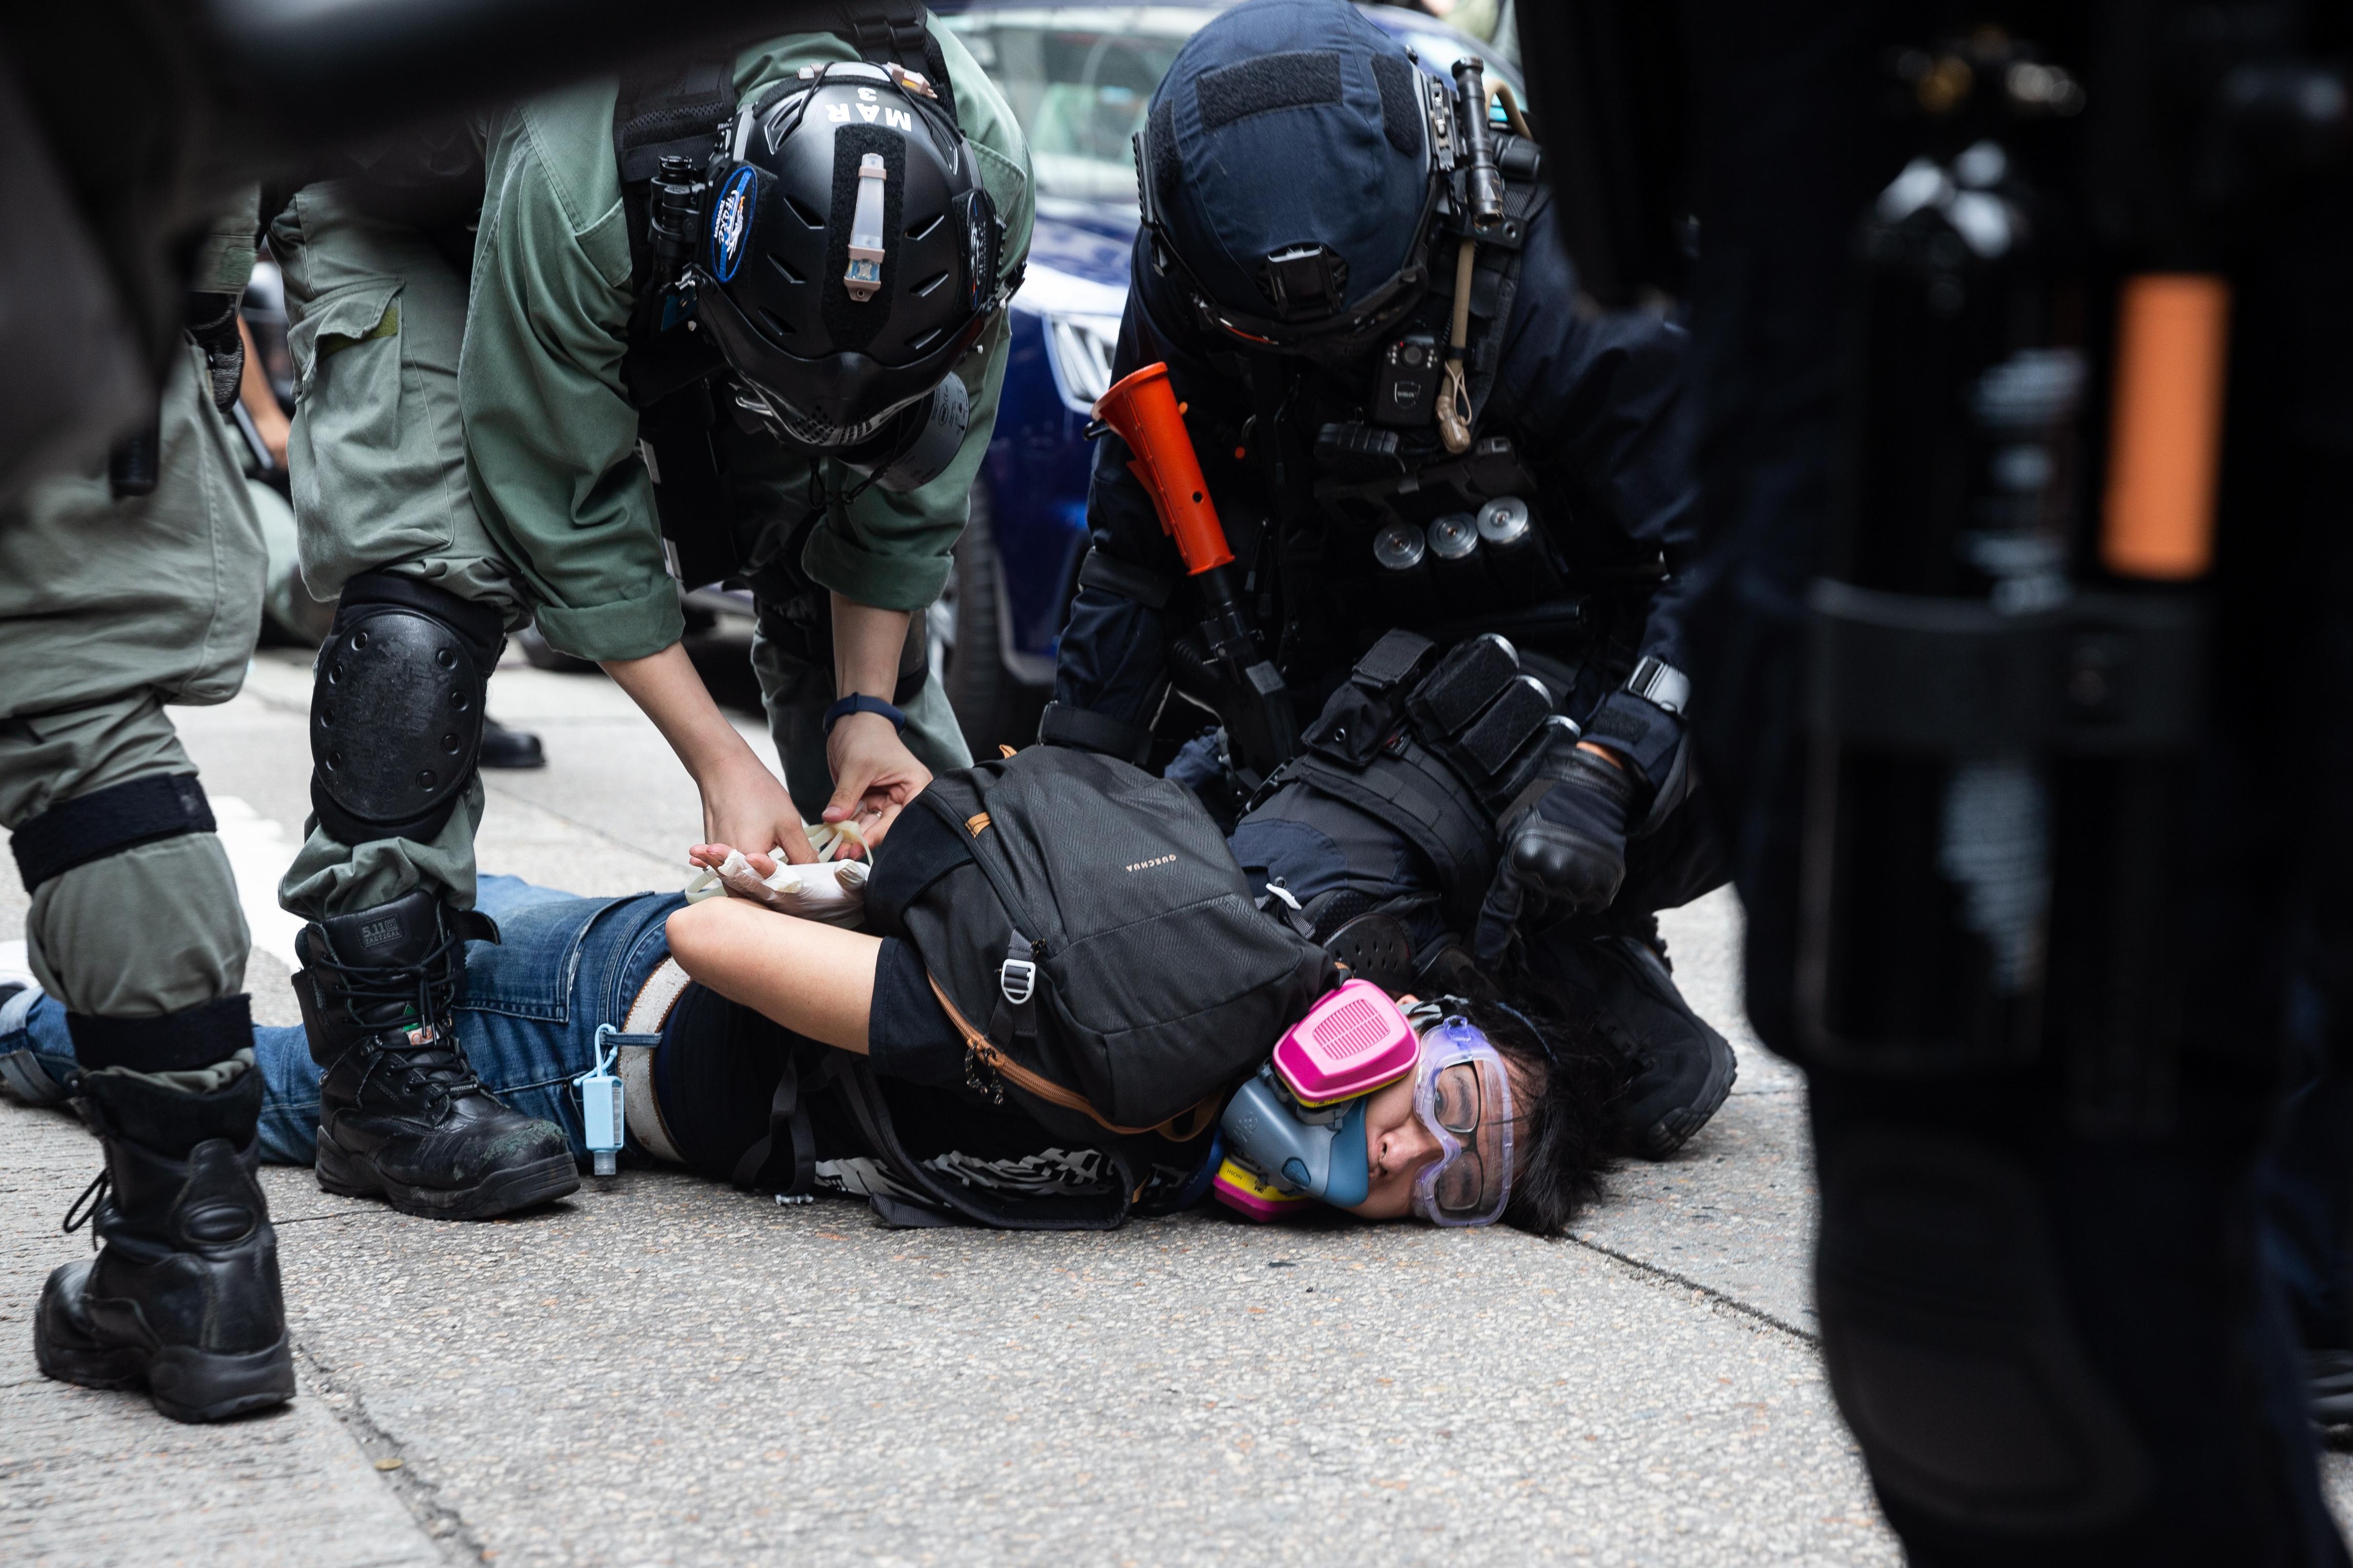 Politie Hongkong demonstratie